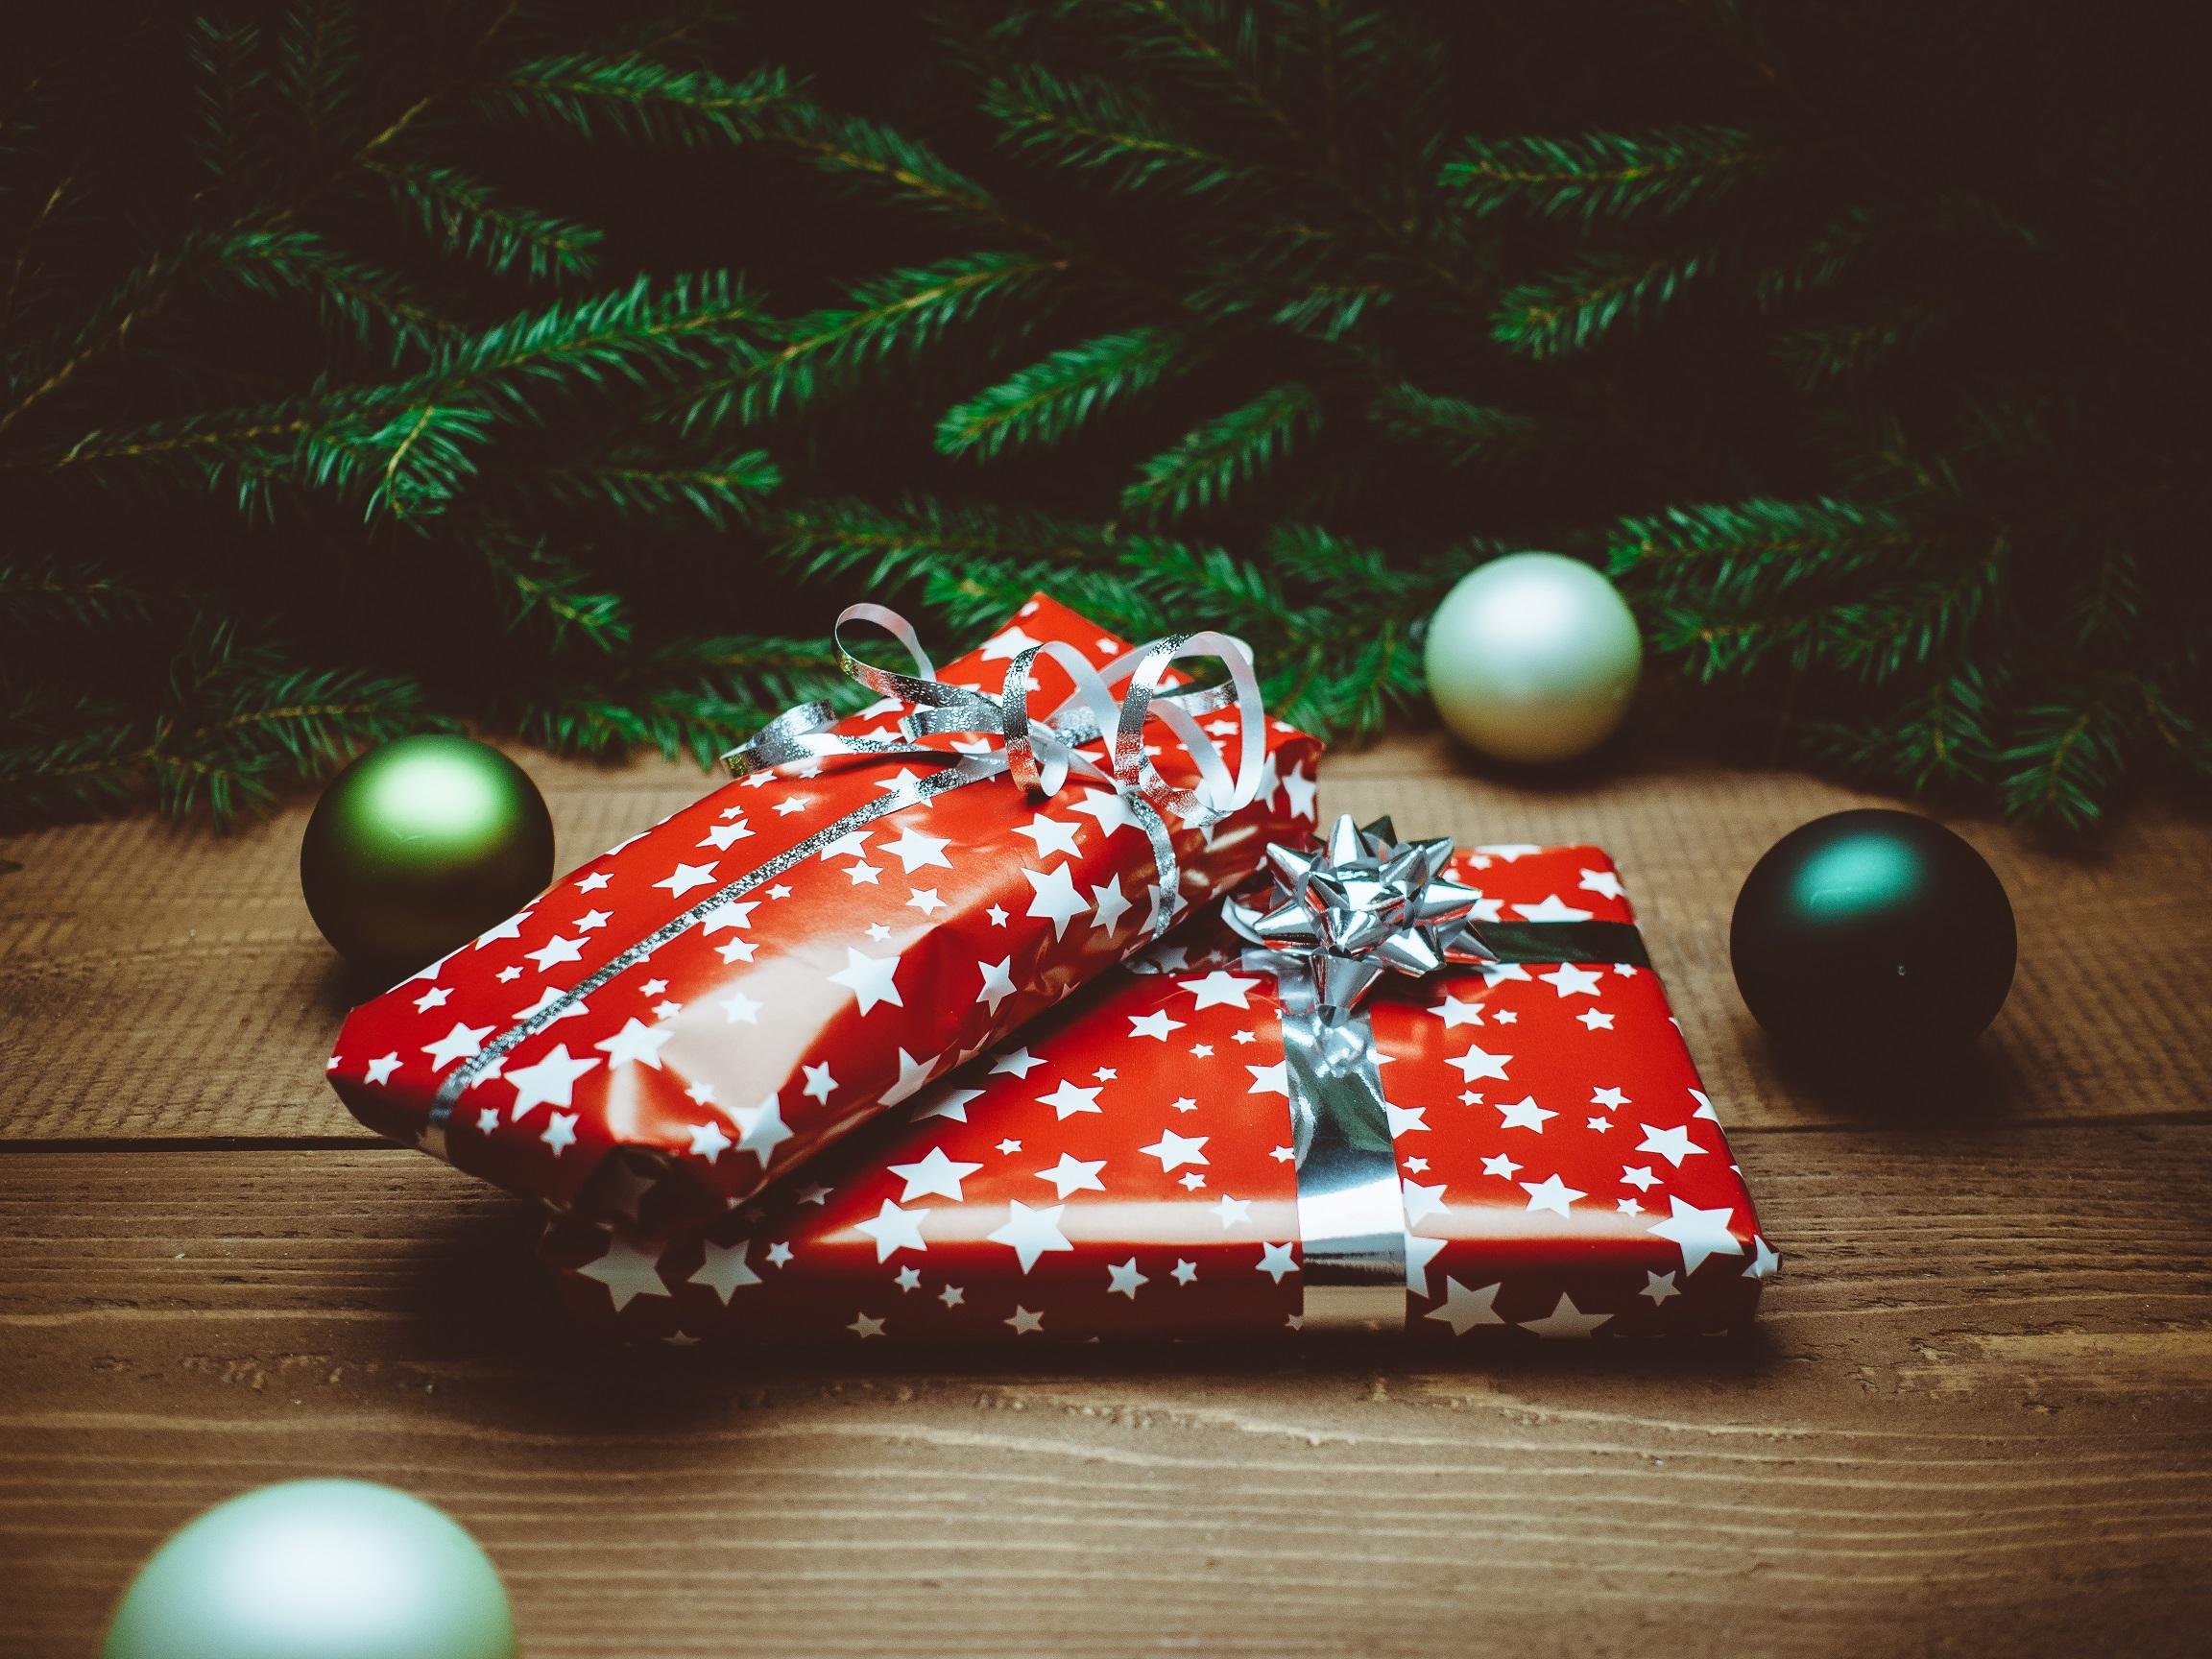 Una compra diferente estas Navidades